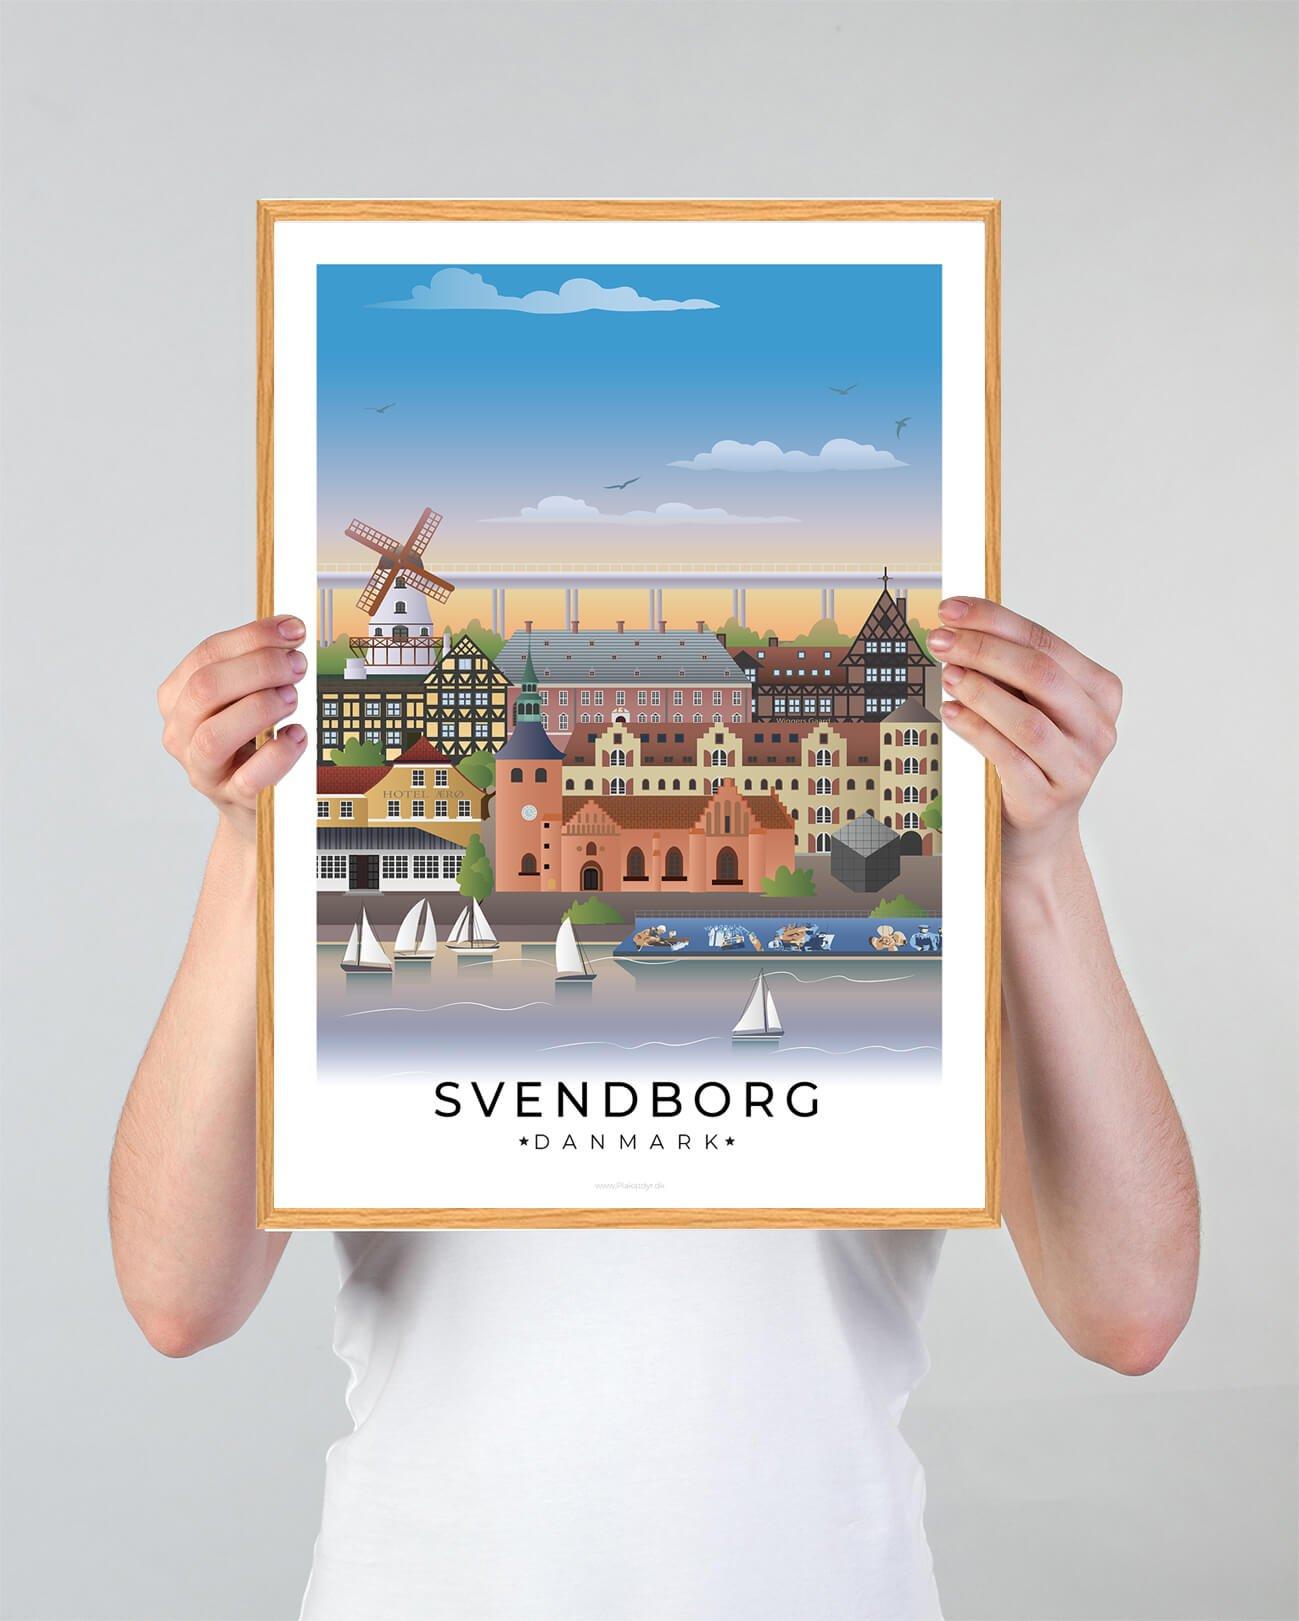 Svendborg-plakat-boligen-3